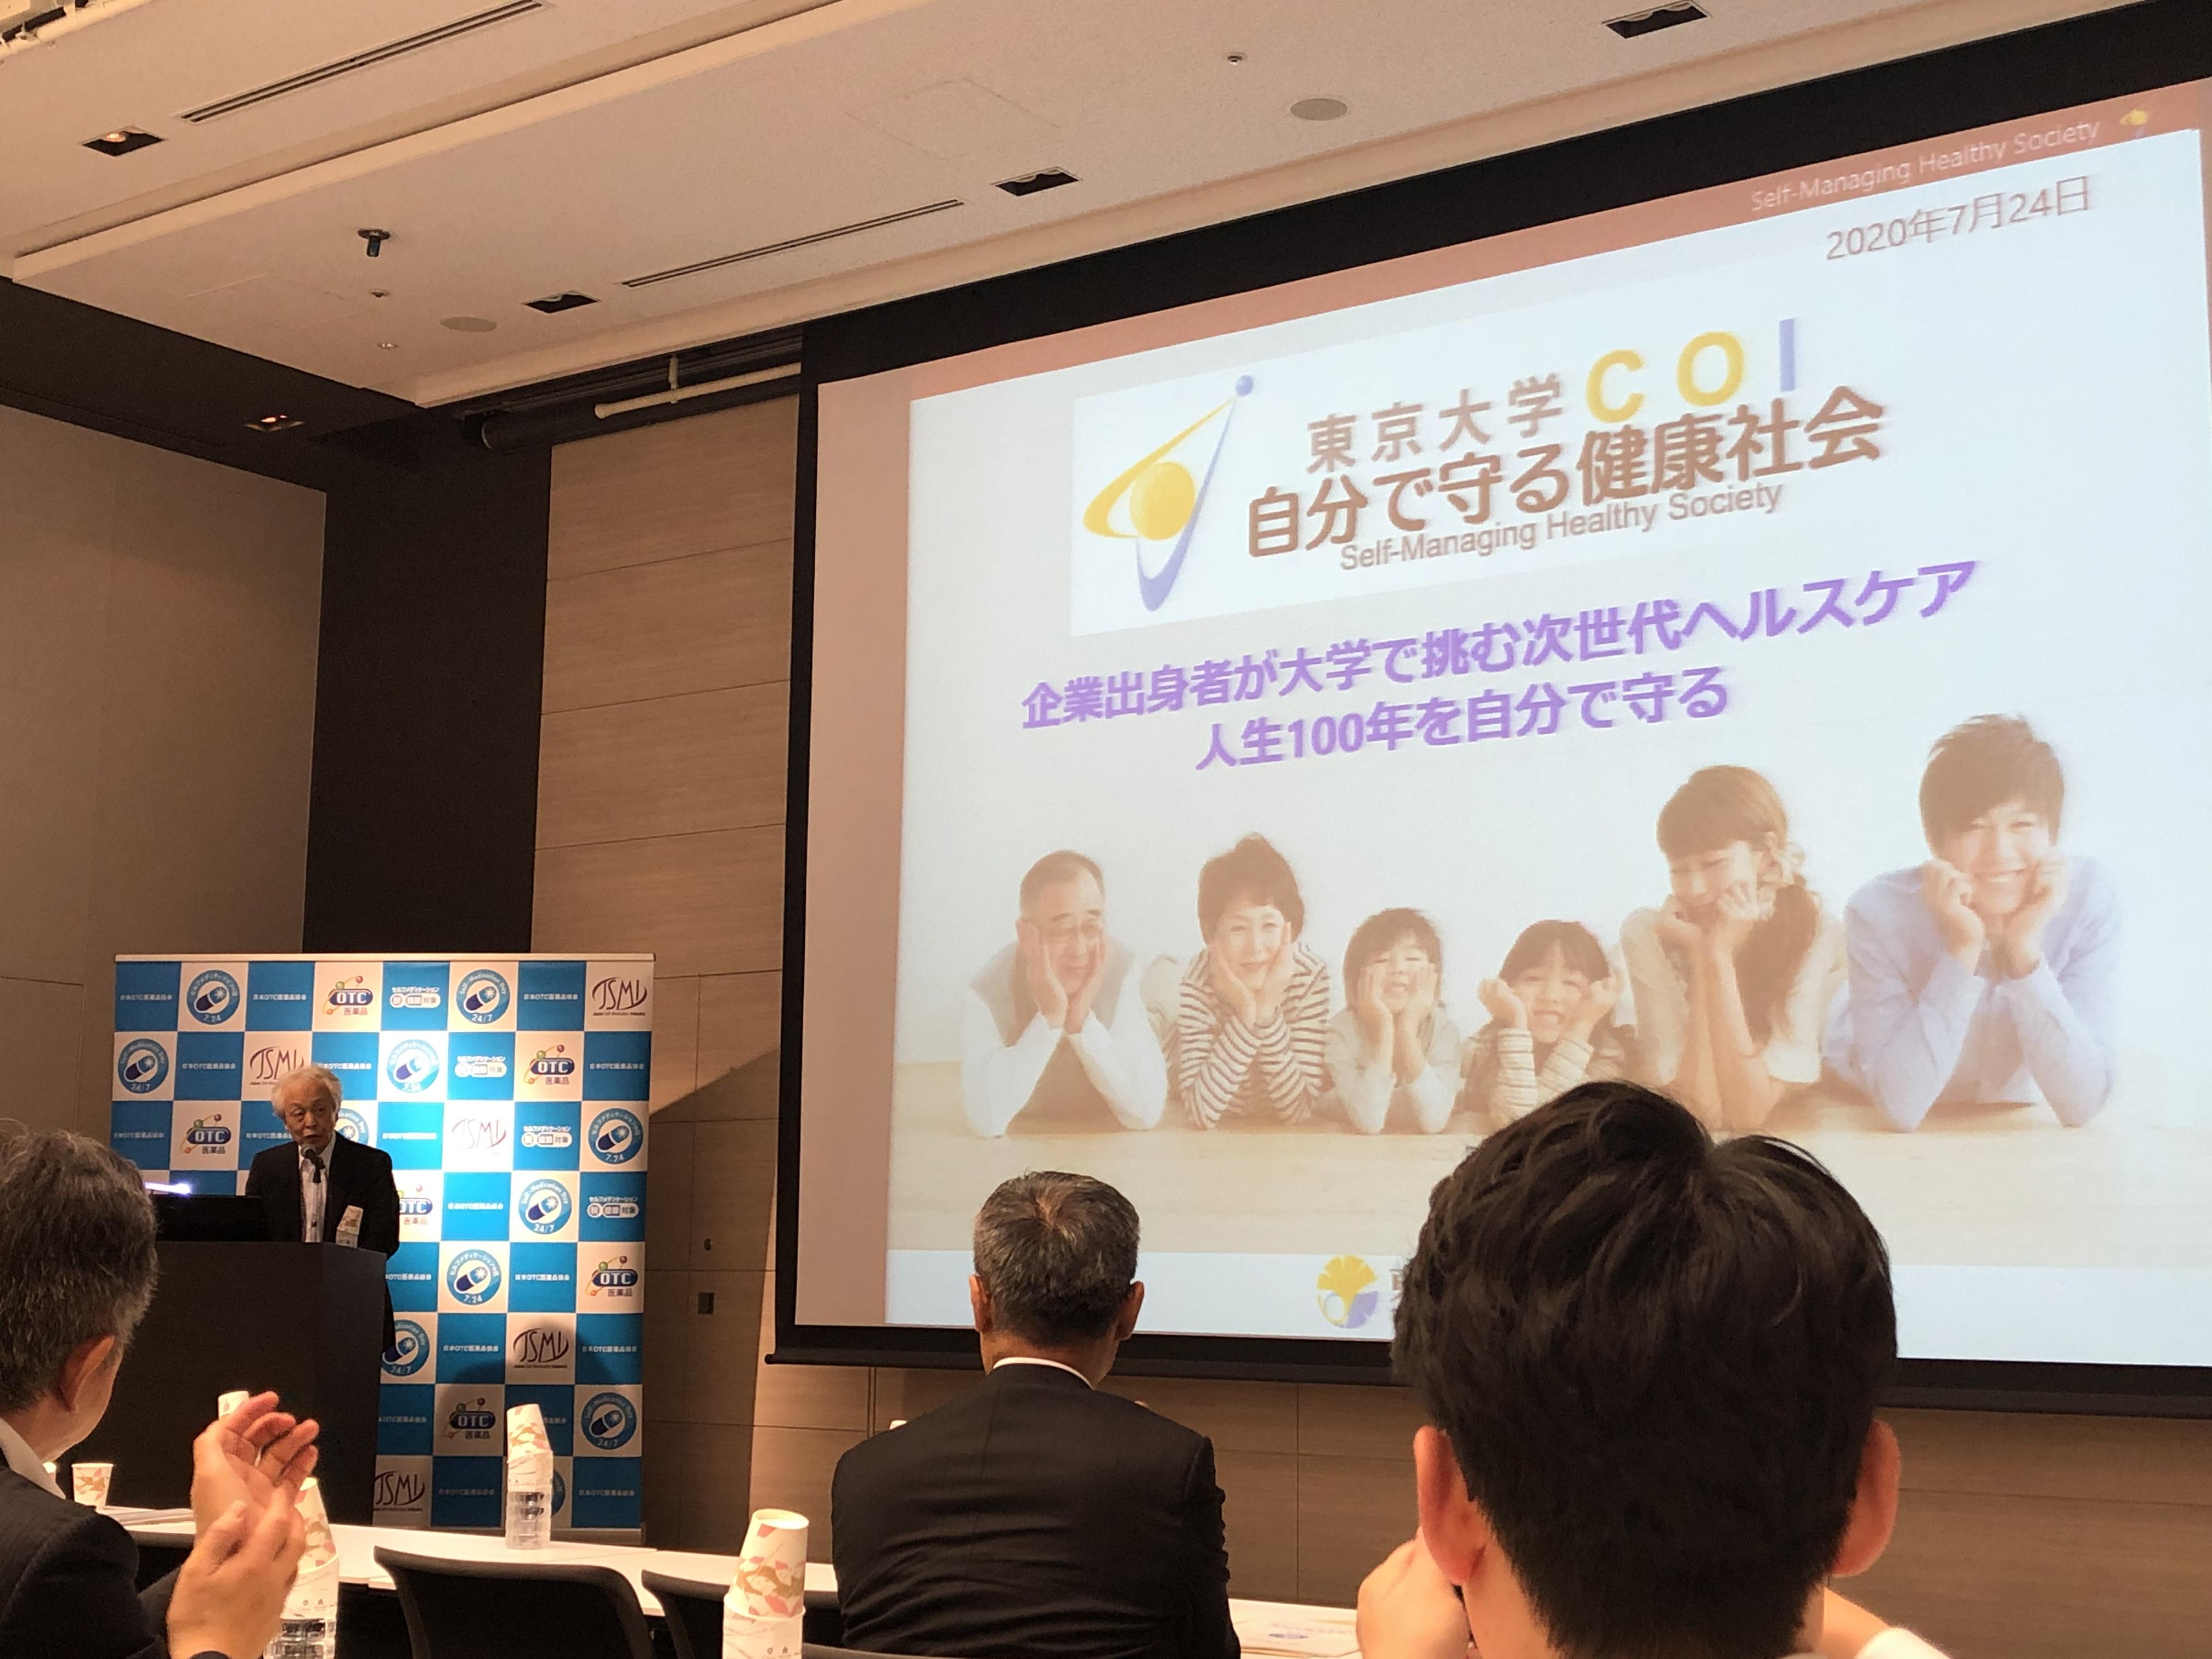 日本OTC医薬品協会主催「セルフメディケーションの日シンポジウム」で池浦機構長が基調講演をしました。